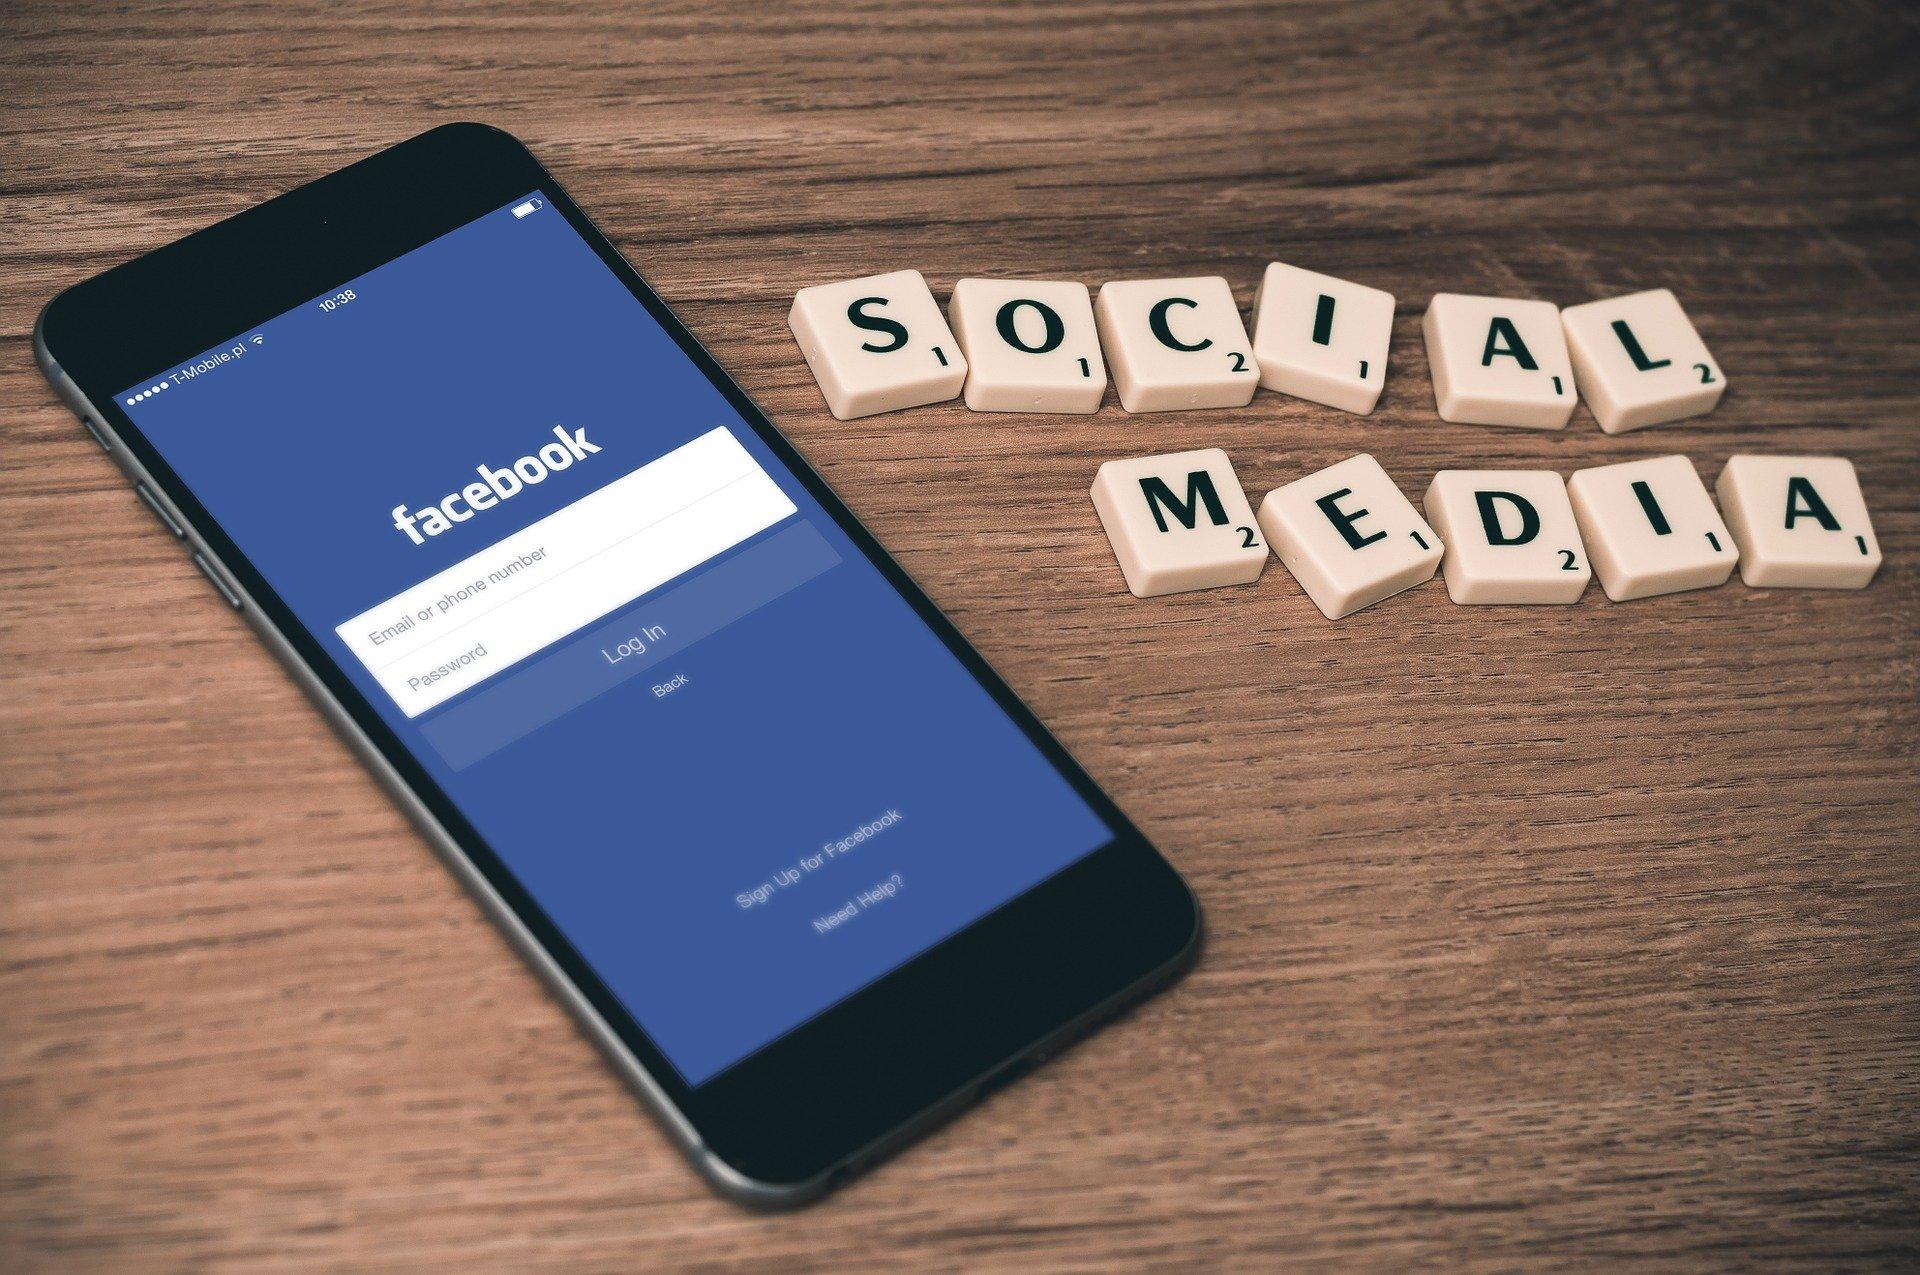 Comment propulser votre entreprise en utilisant la puissance des sites de médias sociaux à fort trafic ?